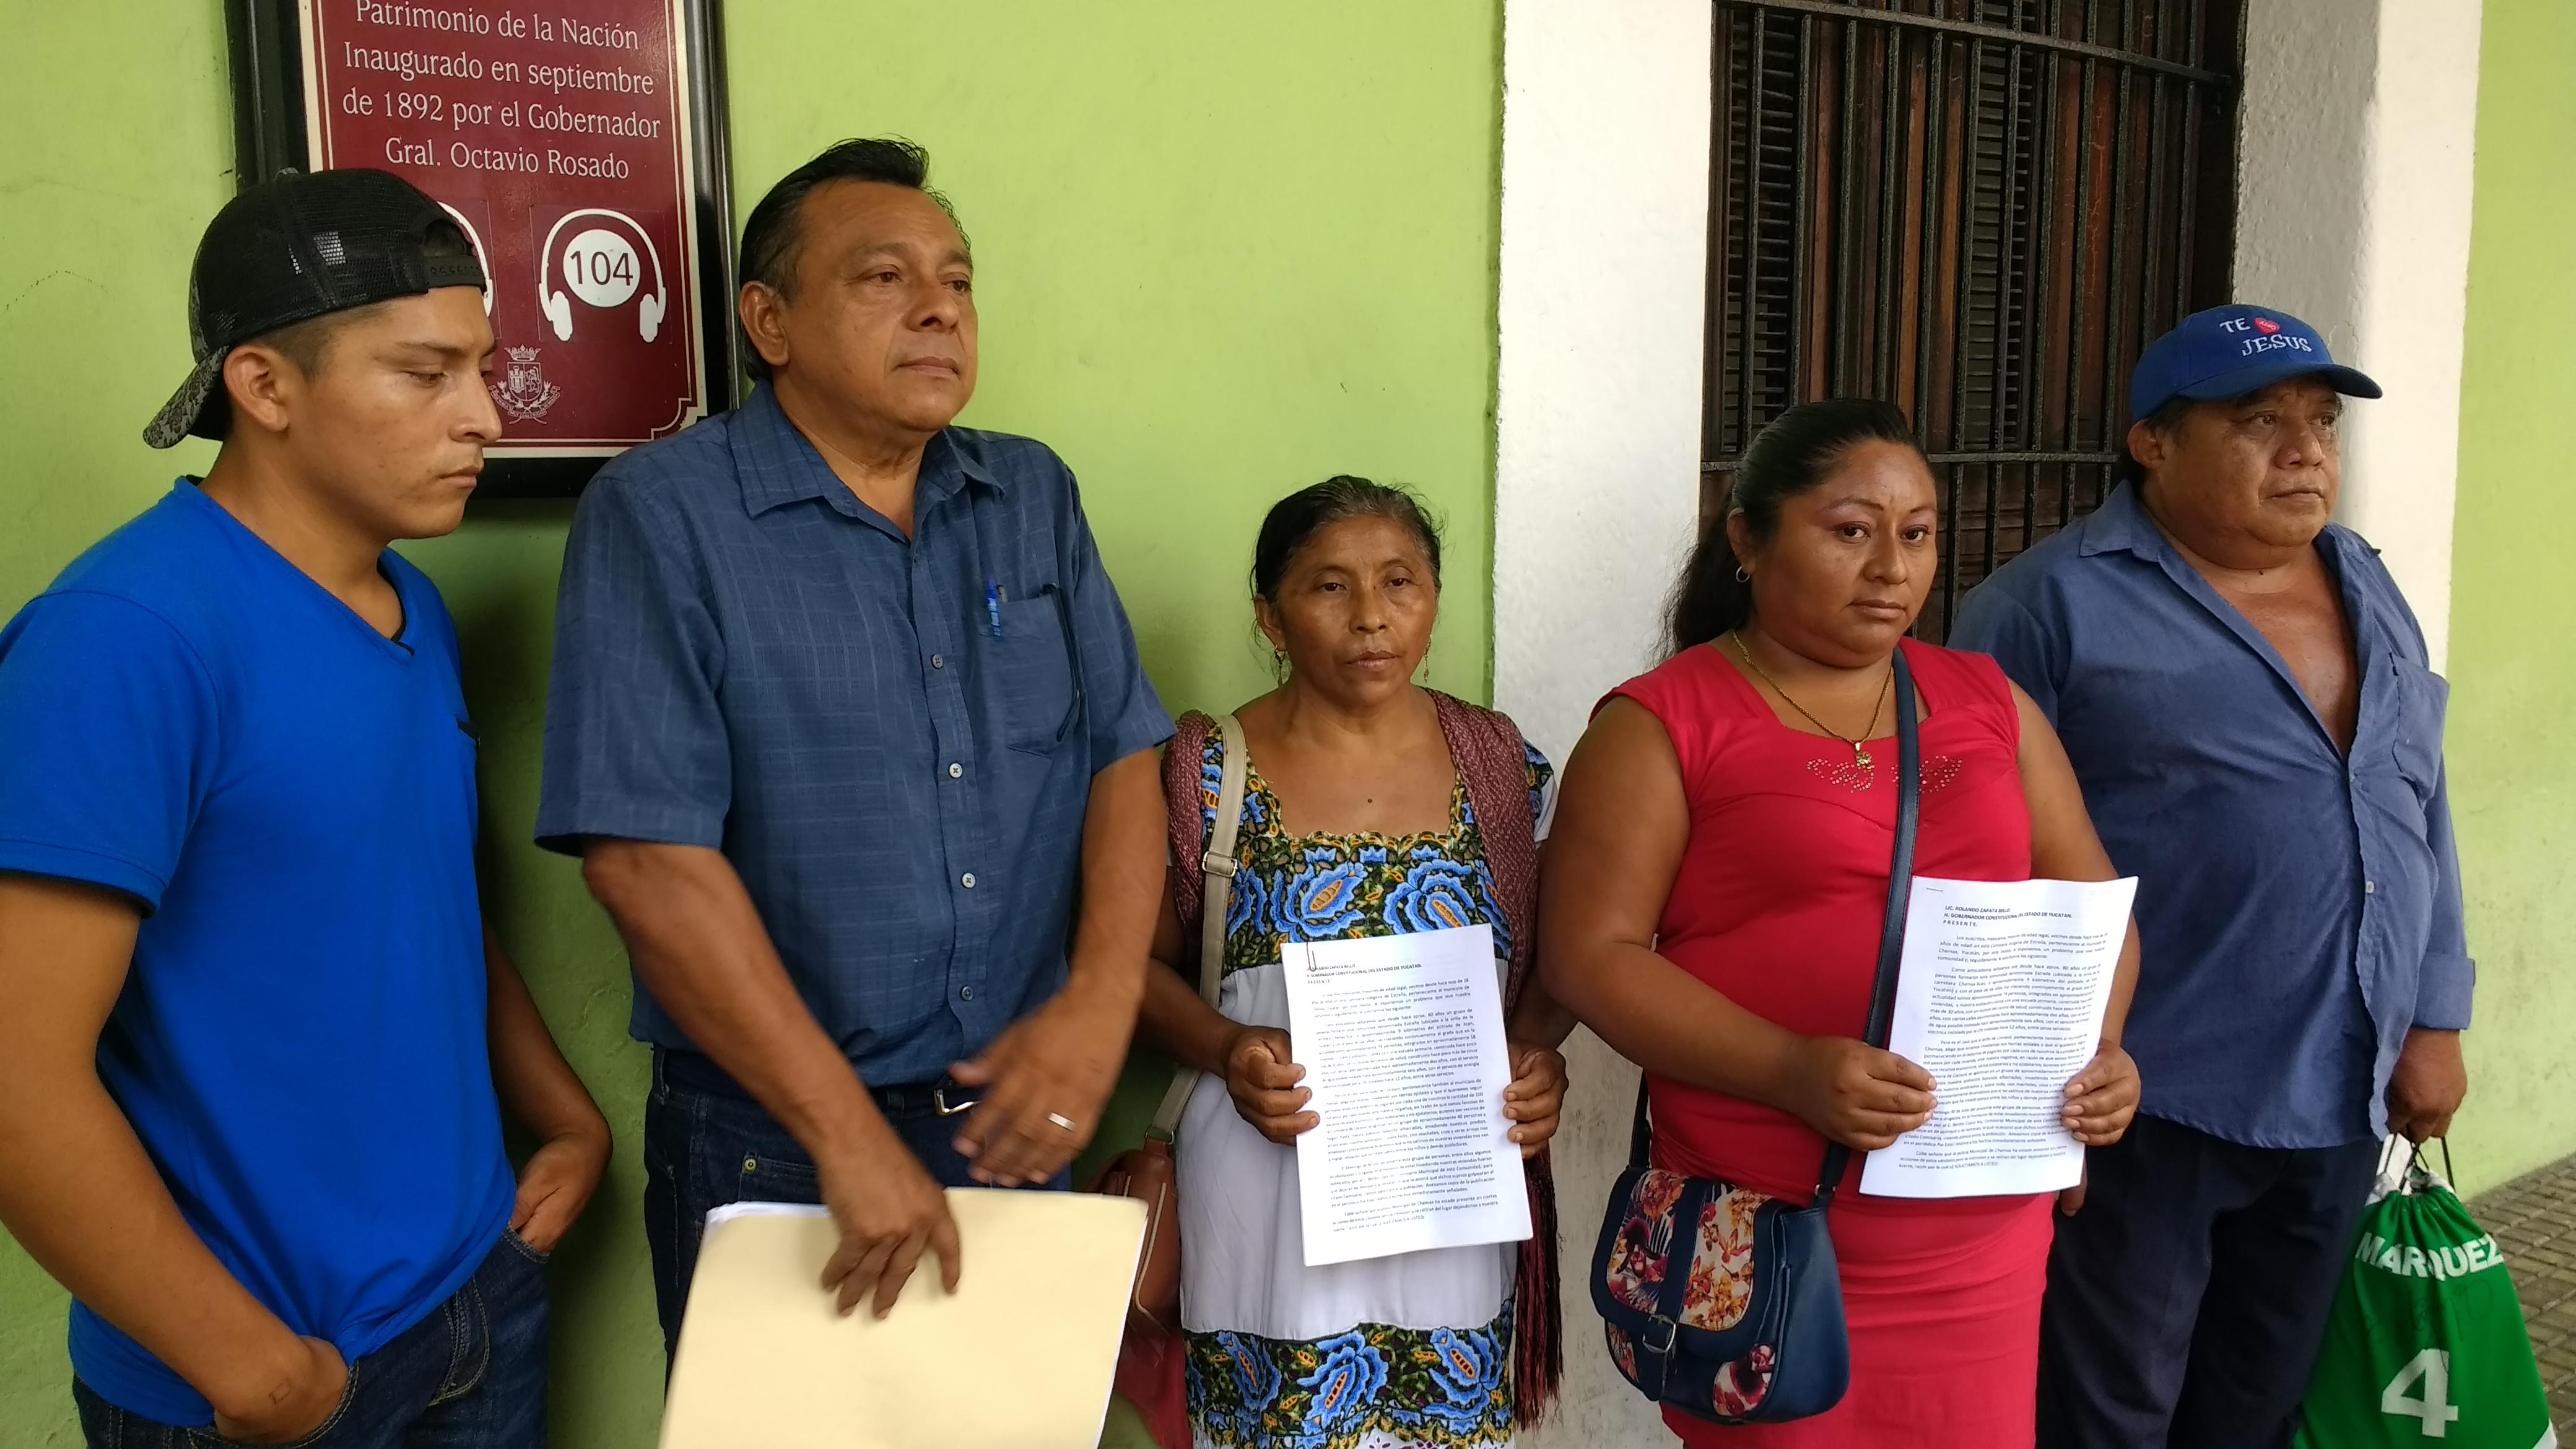 Pleito en Chemax: ejidatarios quieren sacar a todo un pueblo